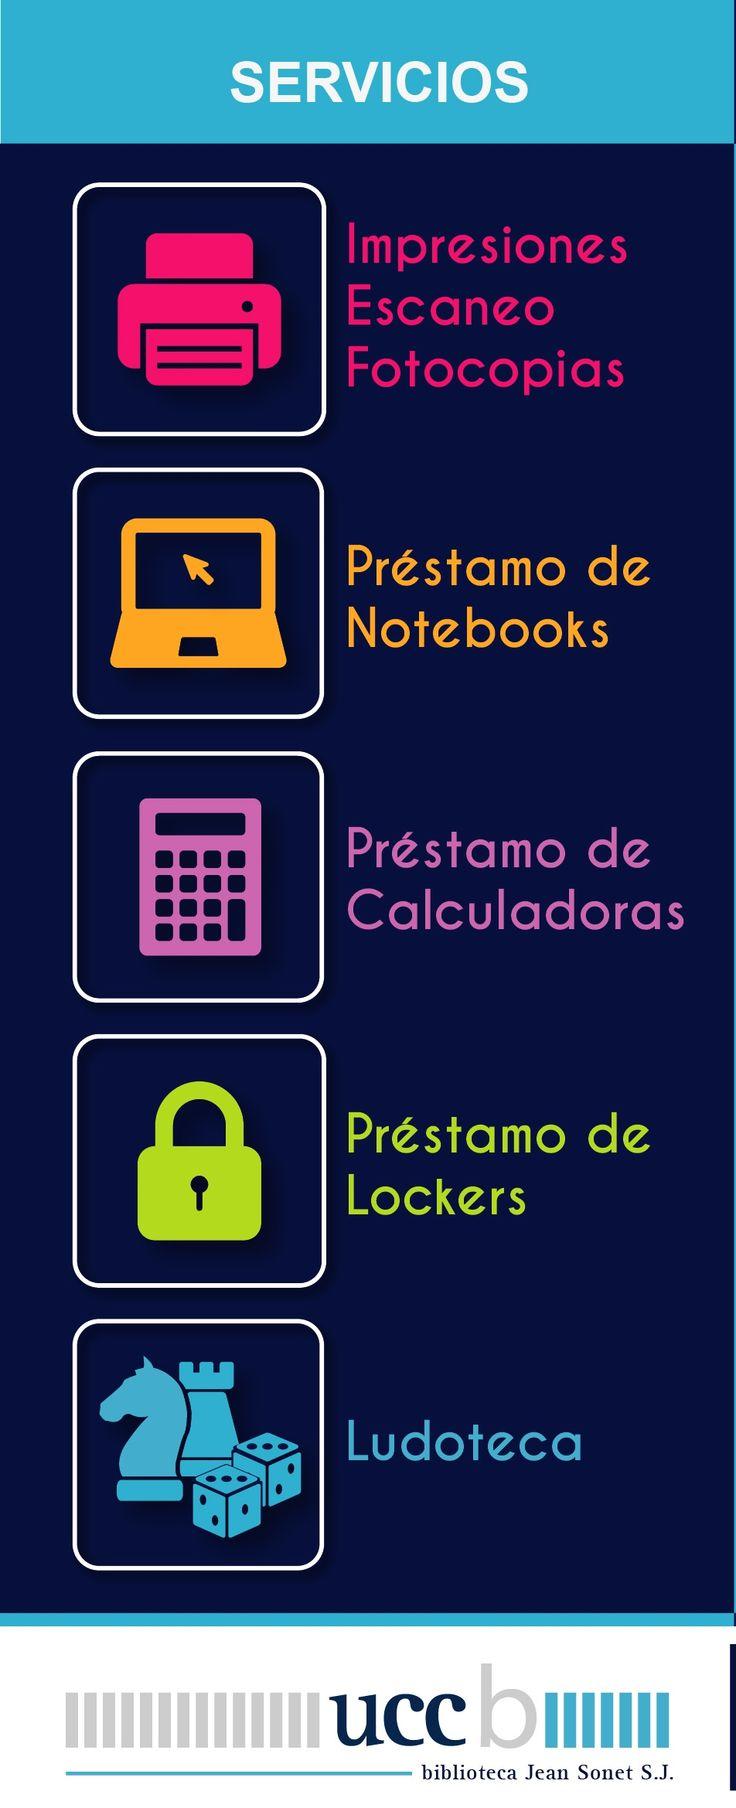 +Servicios en la biblio #Servicios #Bibliotecas